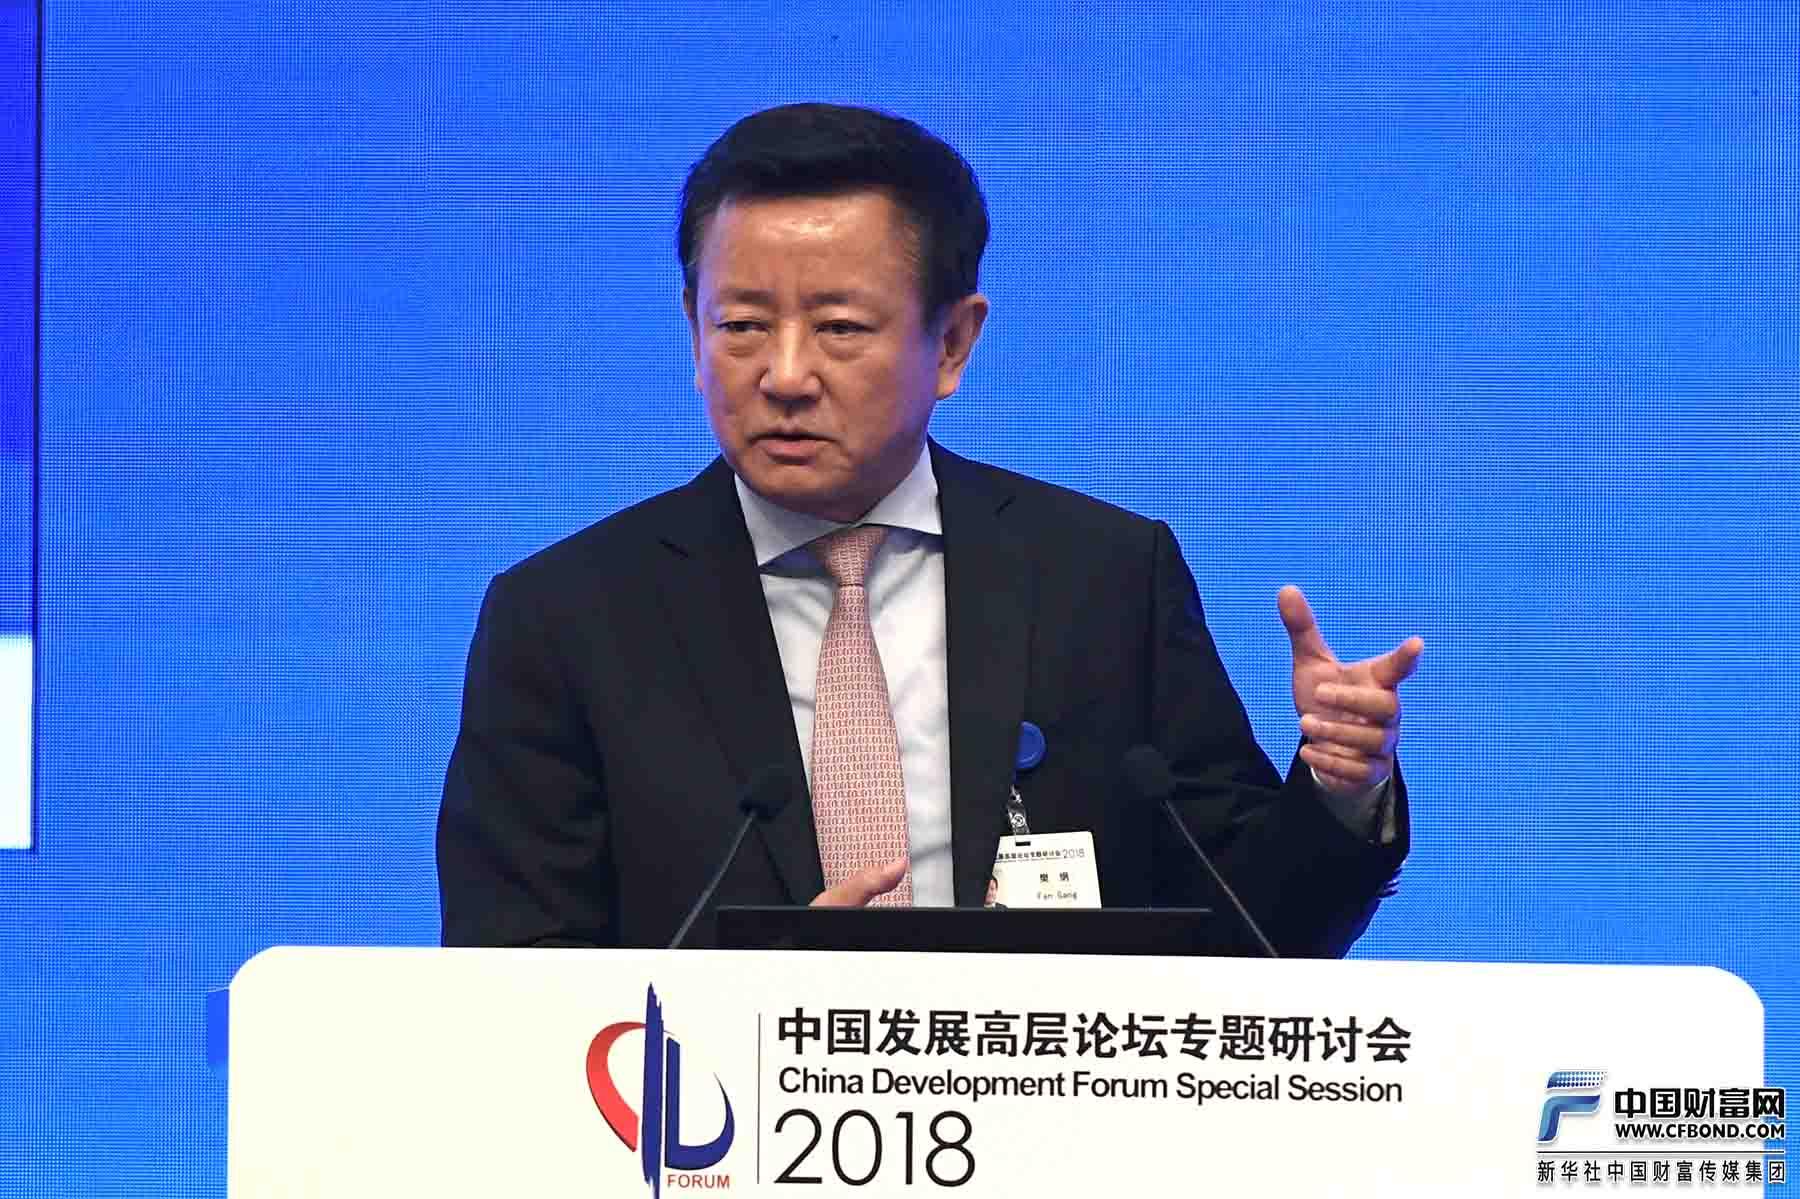 中国(深圳)综合开发研究院院长樊纲发言